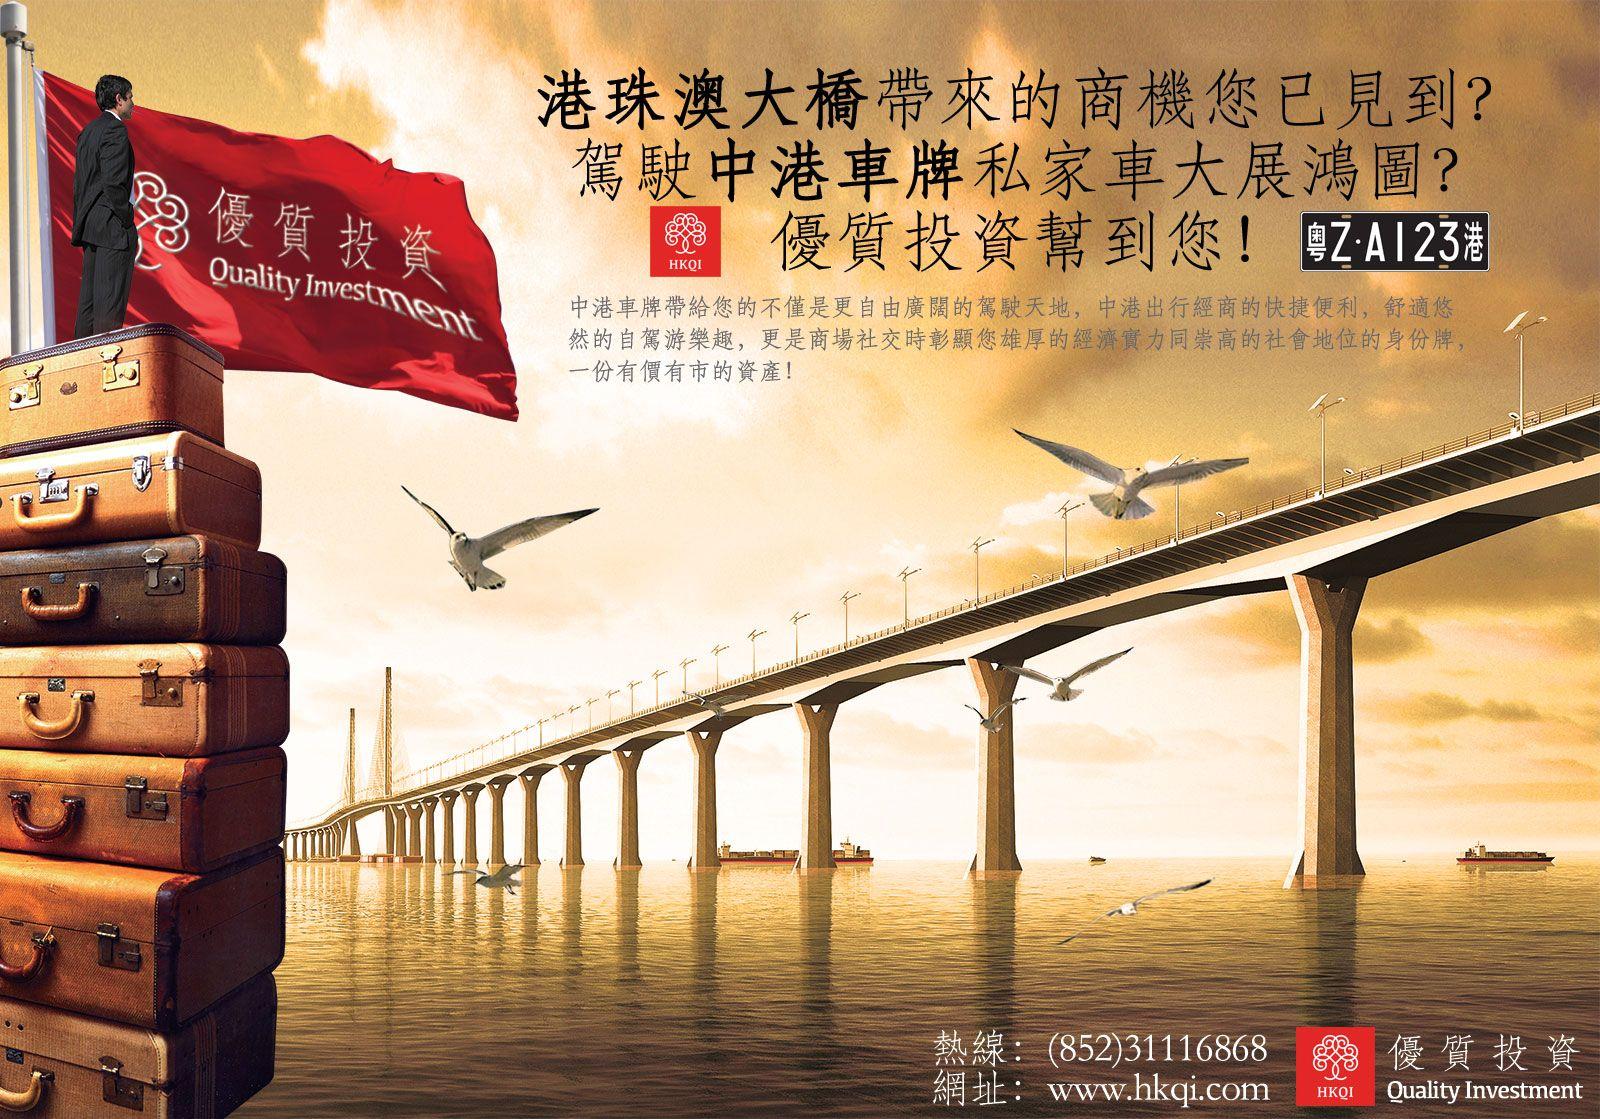 憑藉多年的香港,中國大陸企業諮詢管理經驗,我們可以協助香港公司在大陸投資生意,設立外資企業經營業務,並合法取得中港車